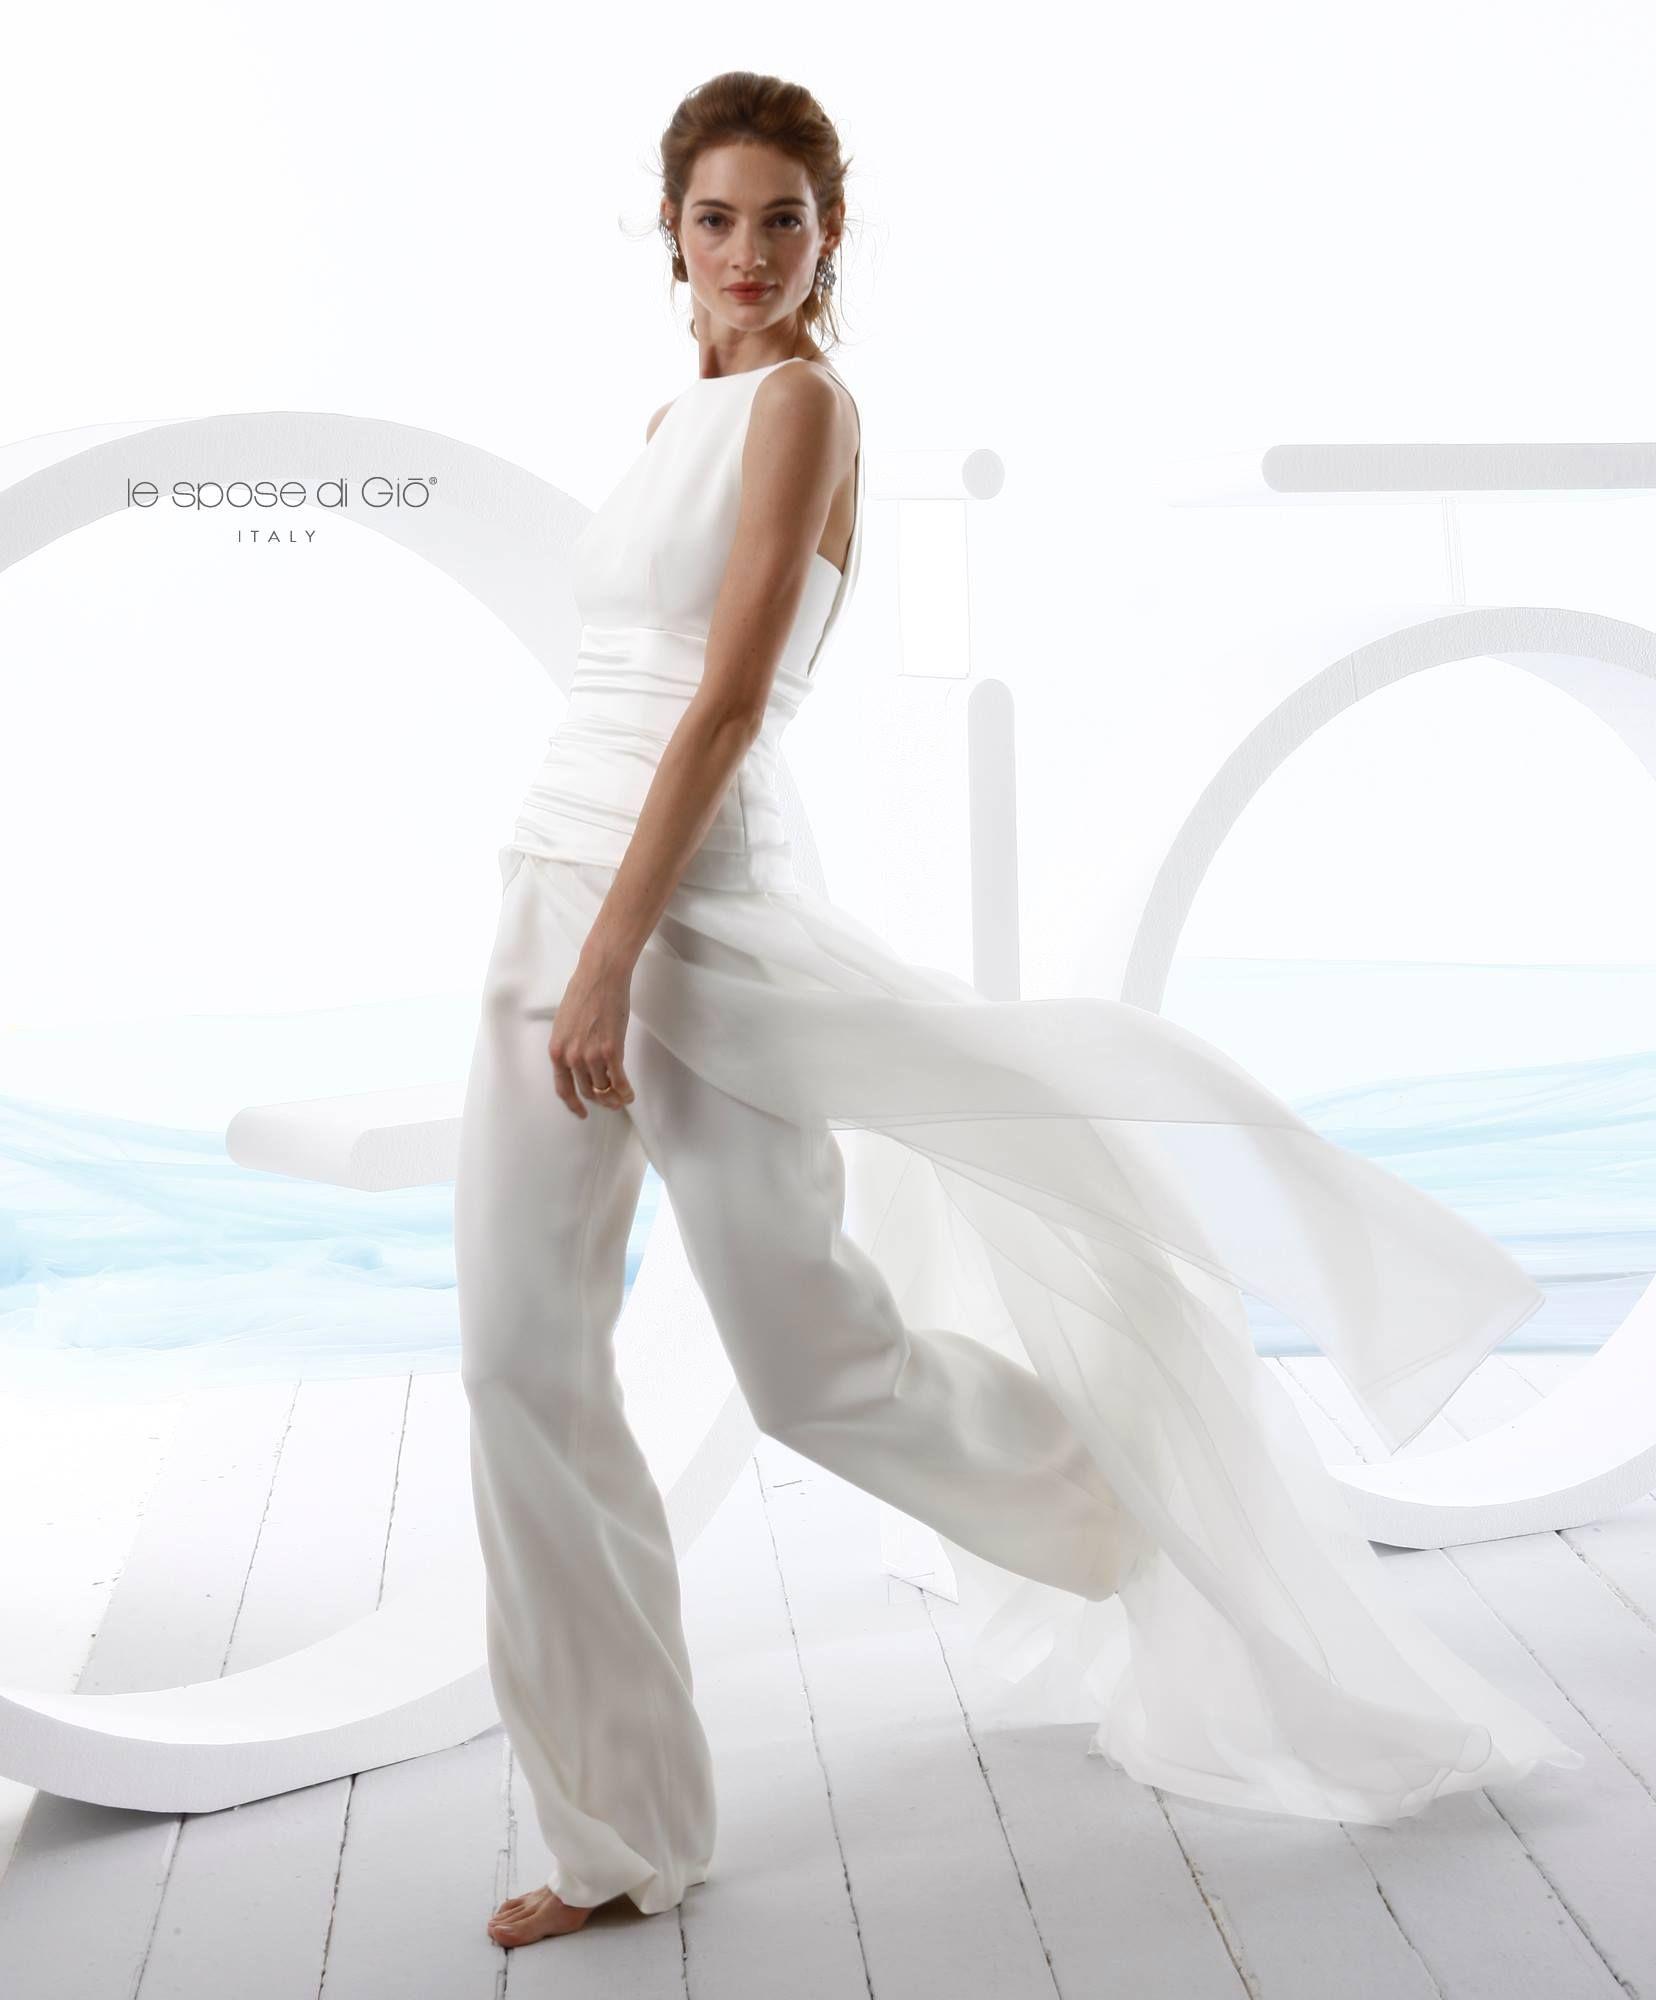 ed86432fc8ac La sposa di Giò in pantaloni  Irresistibile!